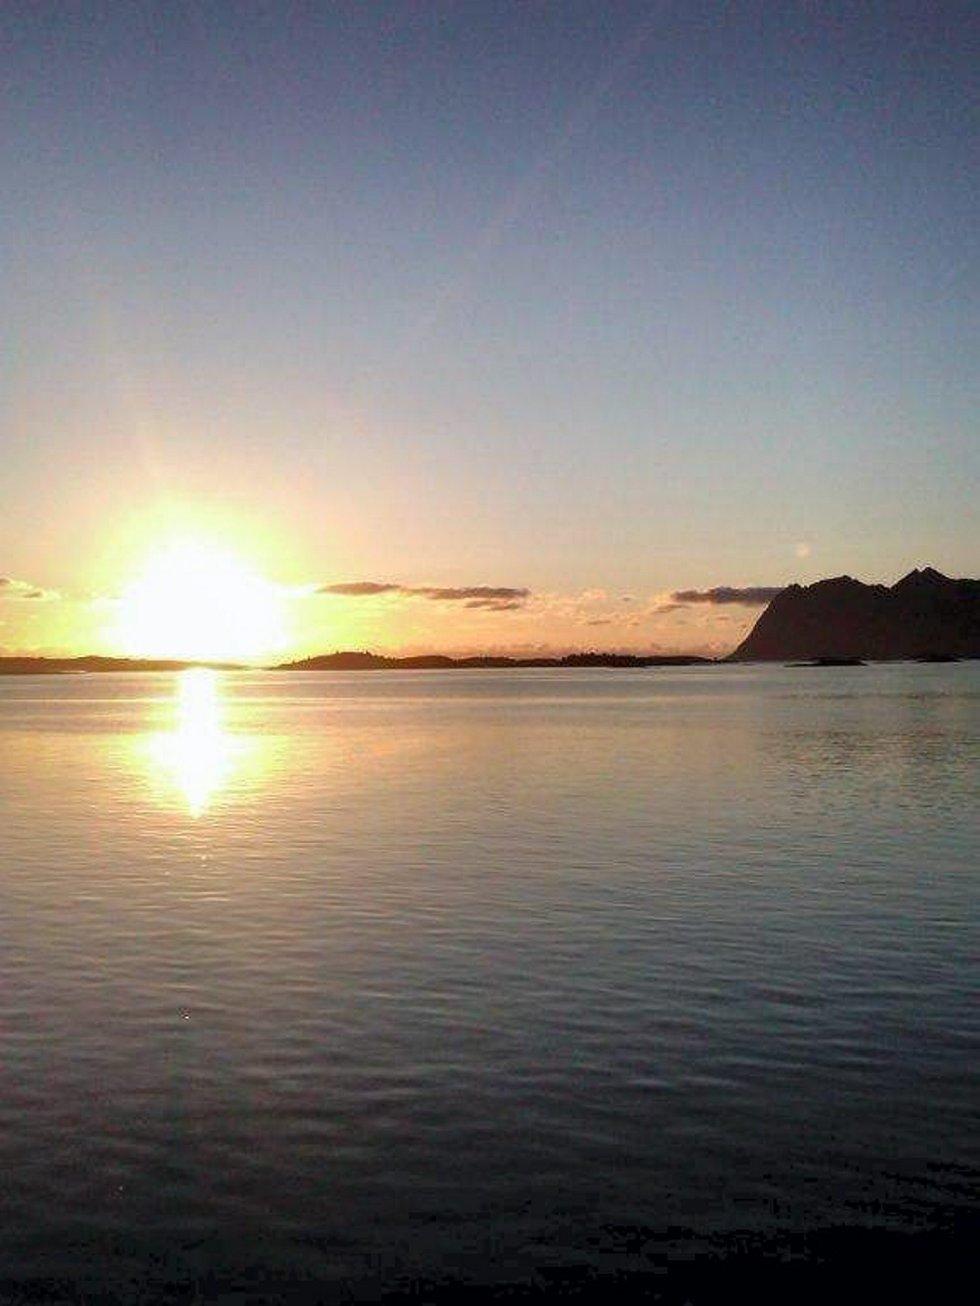 Hilser til alle kjente, fra vår reise i Nord Norge. Dette bildet er fra Senja en fin sommernatt. Hilsen fra familien Dahlen, Strømmen. Foto: Tor Erik Dahlen (Foto: )